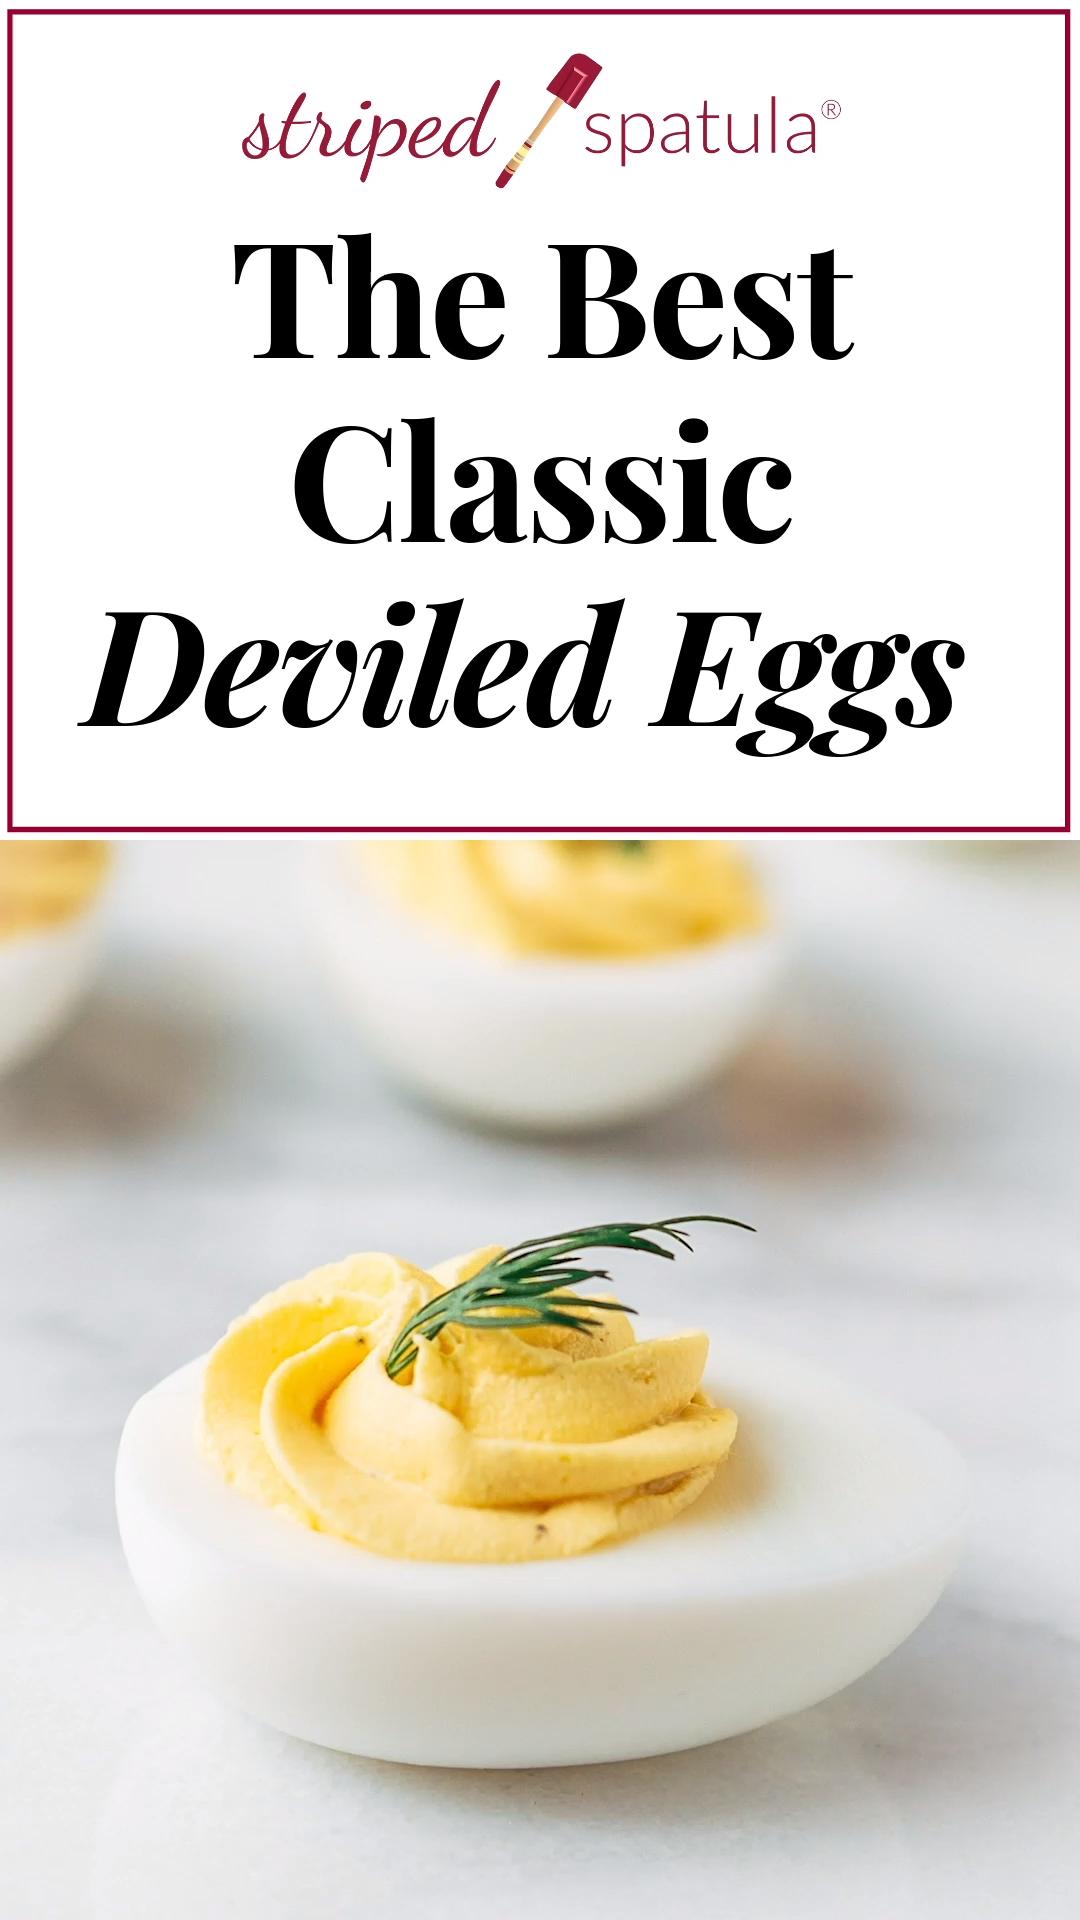 Classic Creamy Deviled Eggs